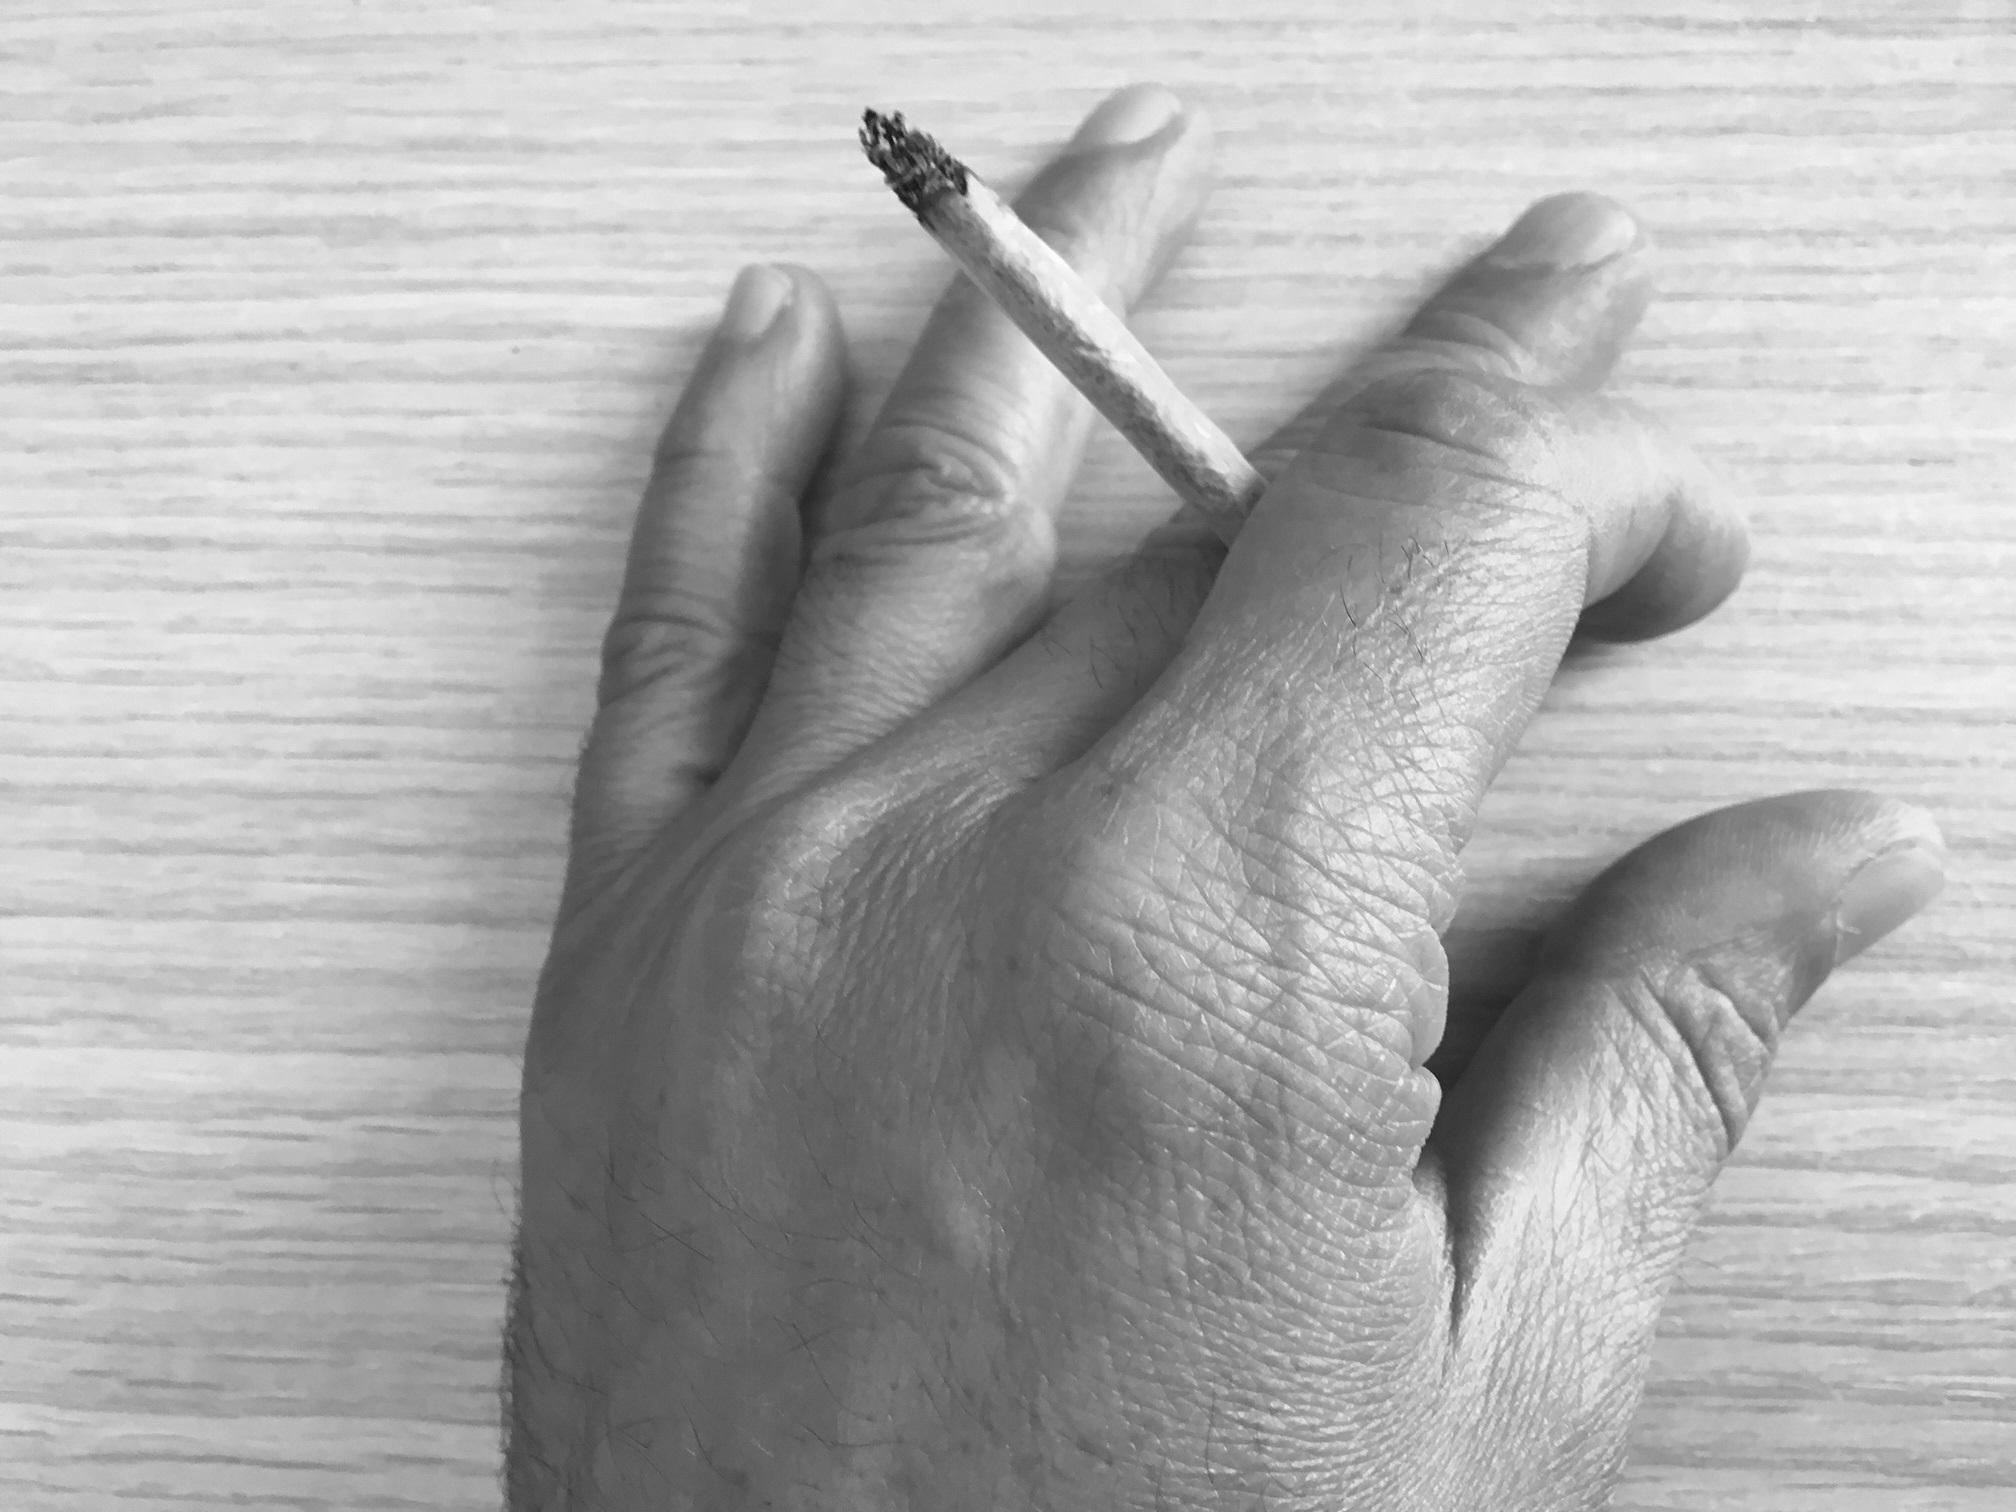 Ridurre i rischi del fumo è possibile. Non perdiamo tempo